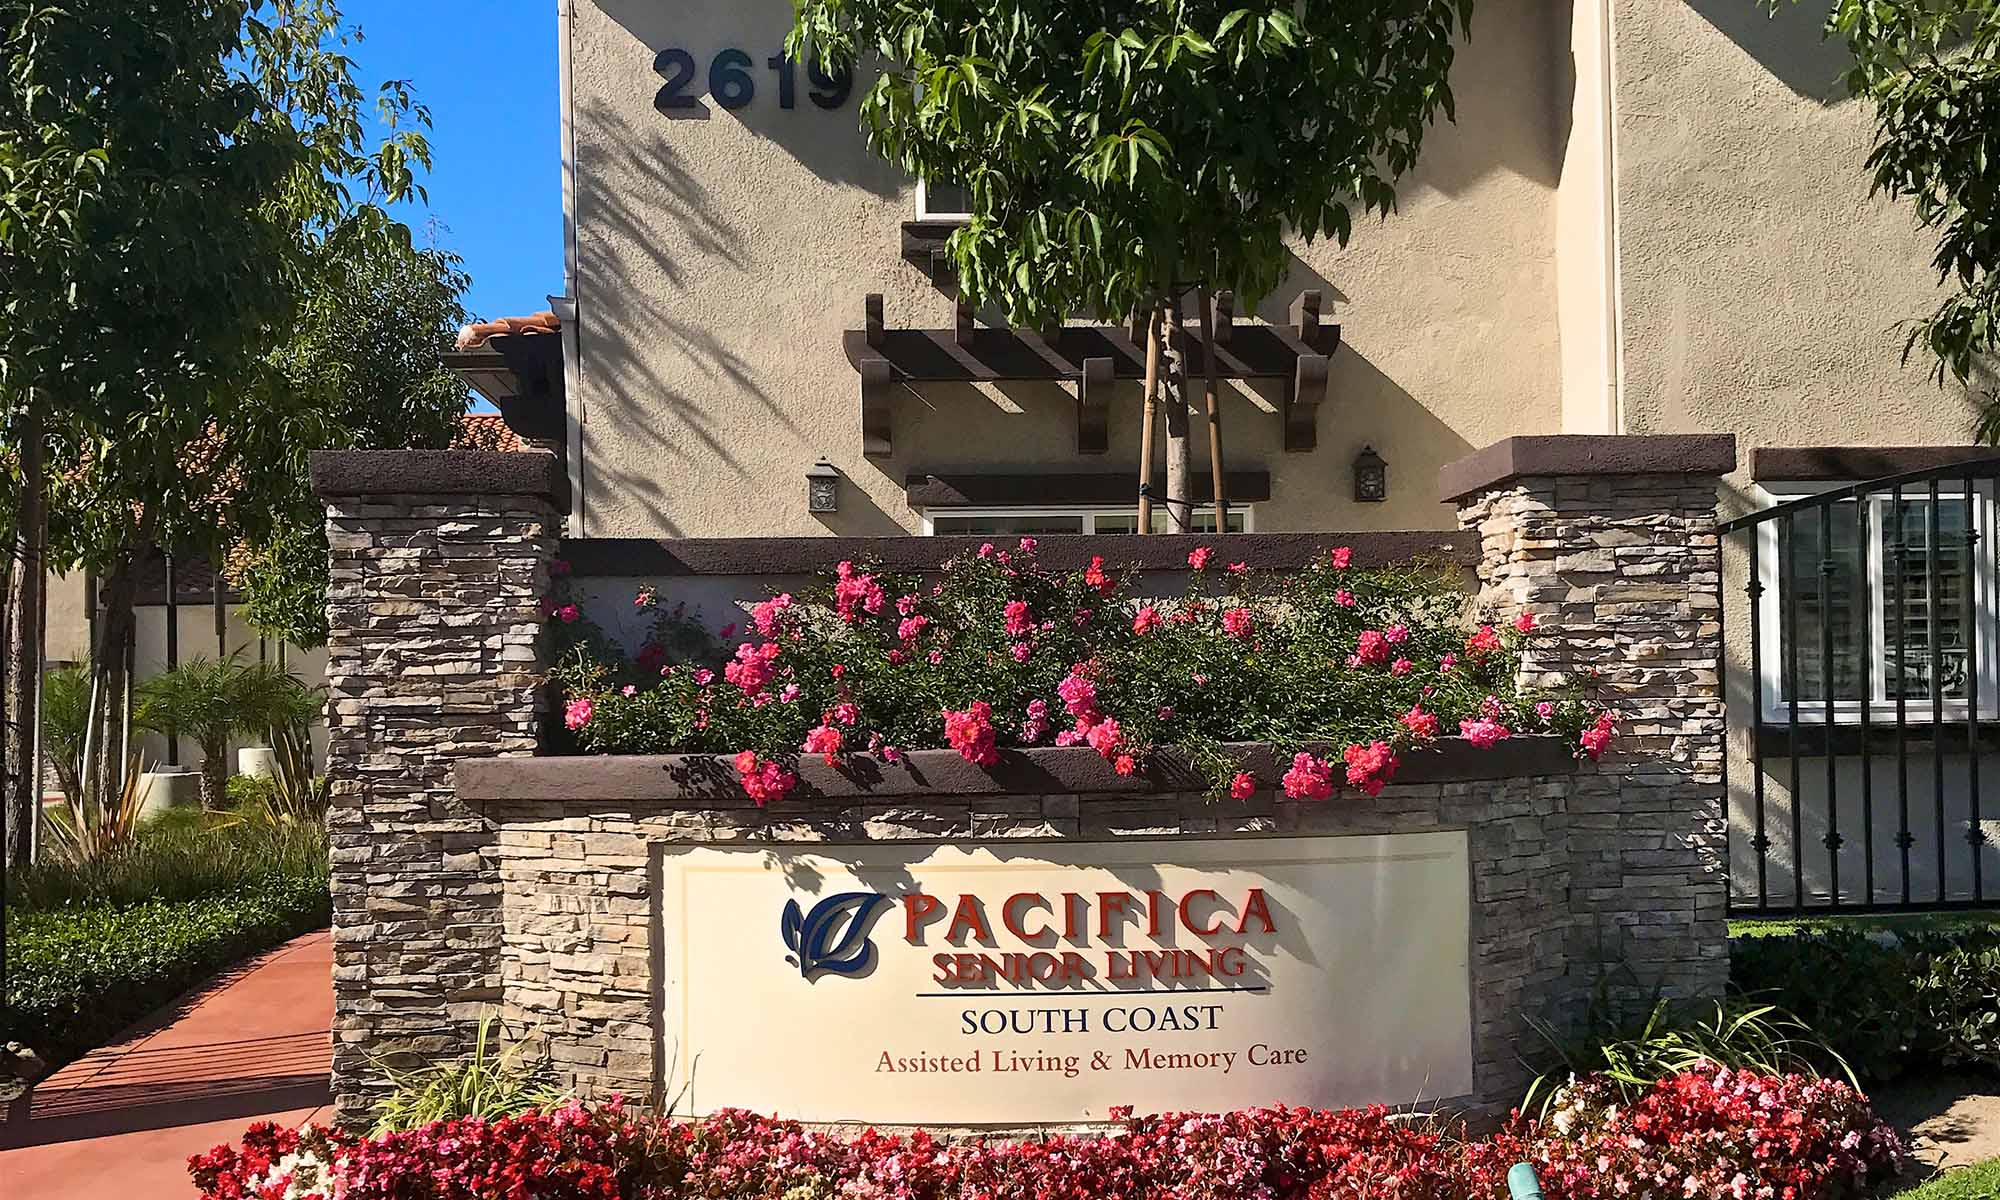 Pacifica Senior Living South Coast Exterior